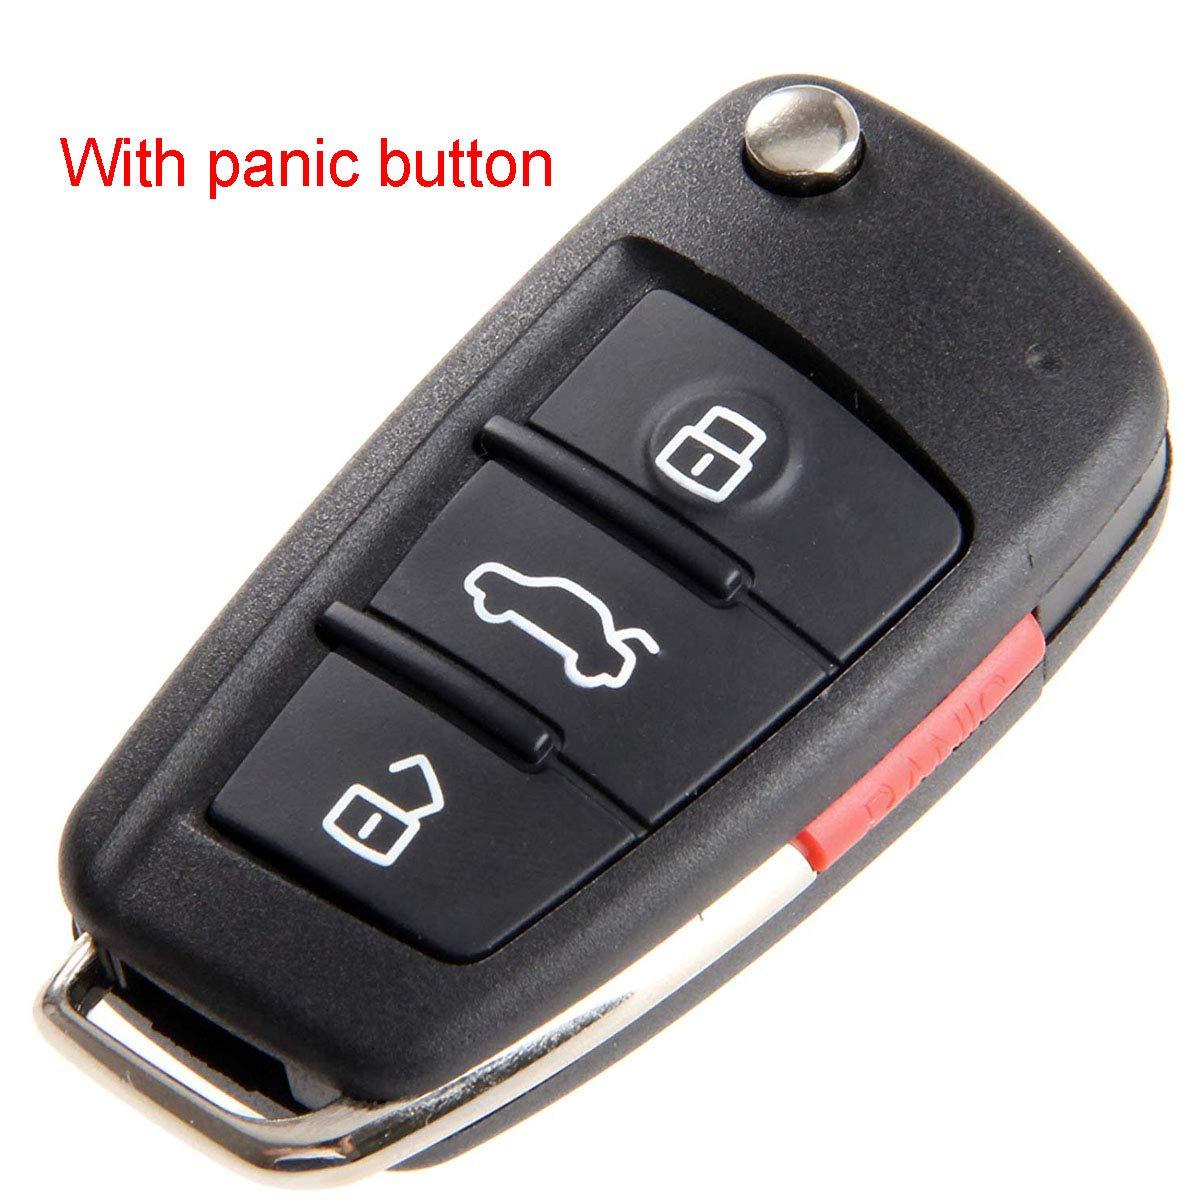 Amazon.com: Corazón caballo 3 botones plegable con tapa ...